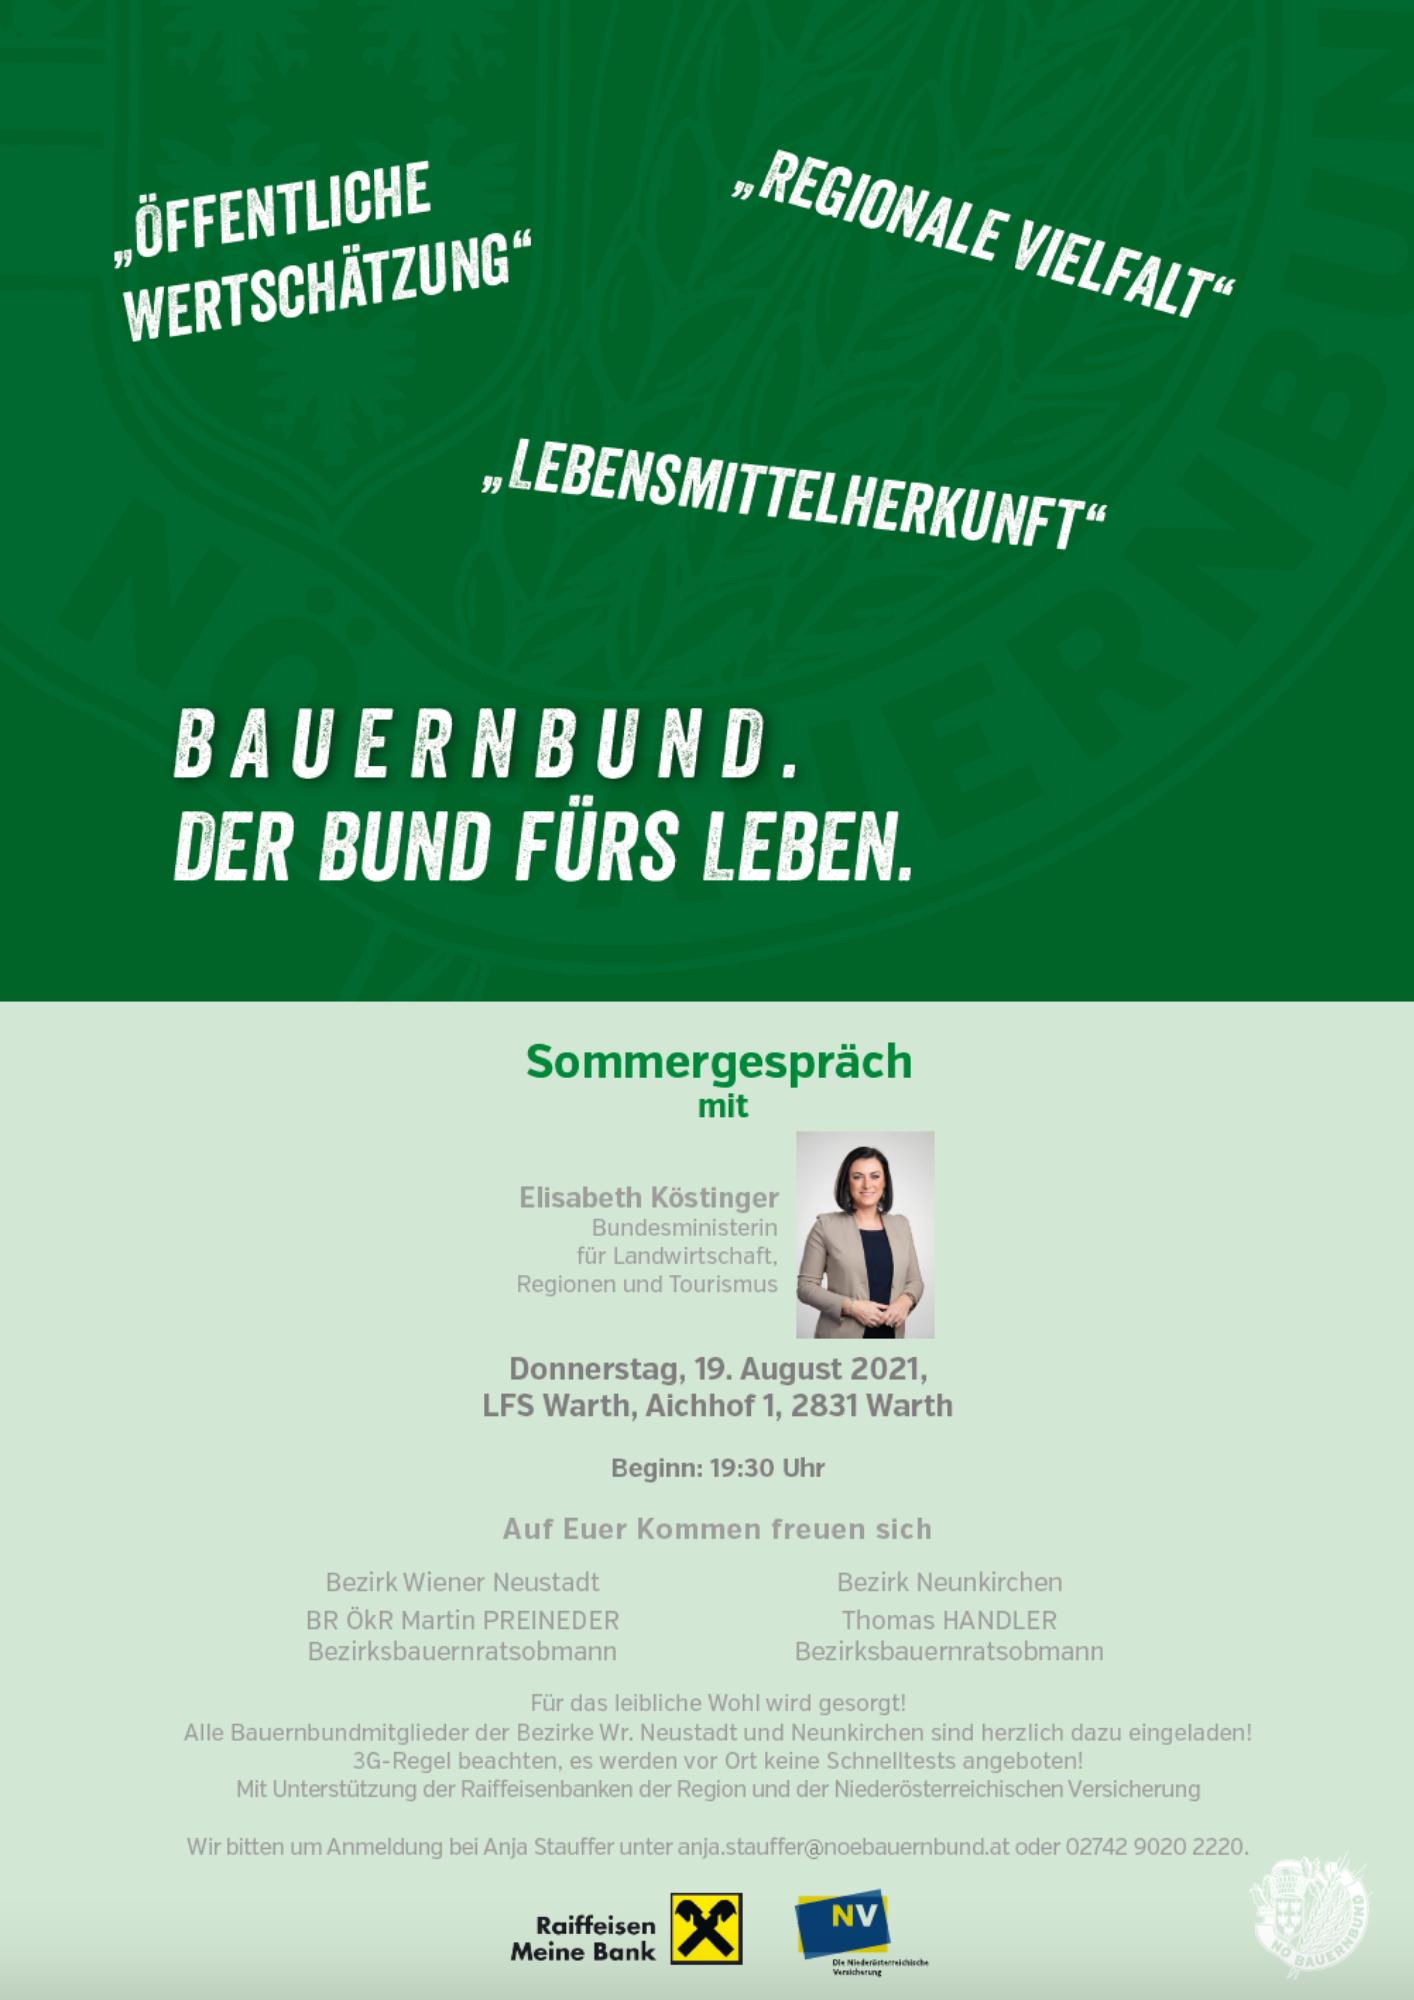 Einladung_Sommergespraech_Koestinger_2021_Details